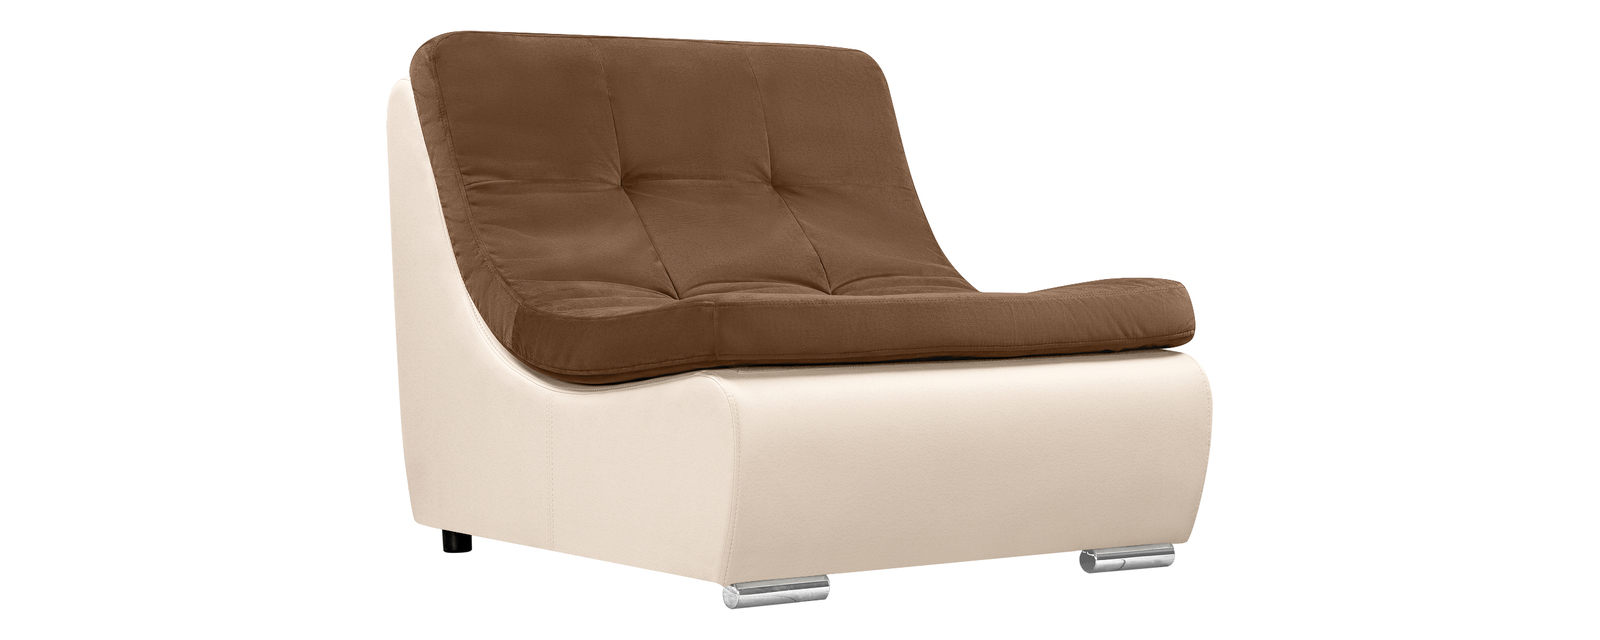 Кресло тканевое Лос-Анджелес Velure коричневый (Велюр + Экокожа) Лос-Анджелес